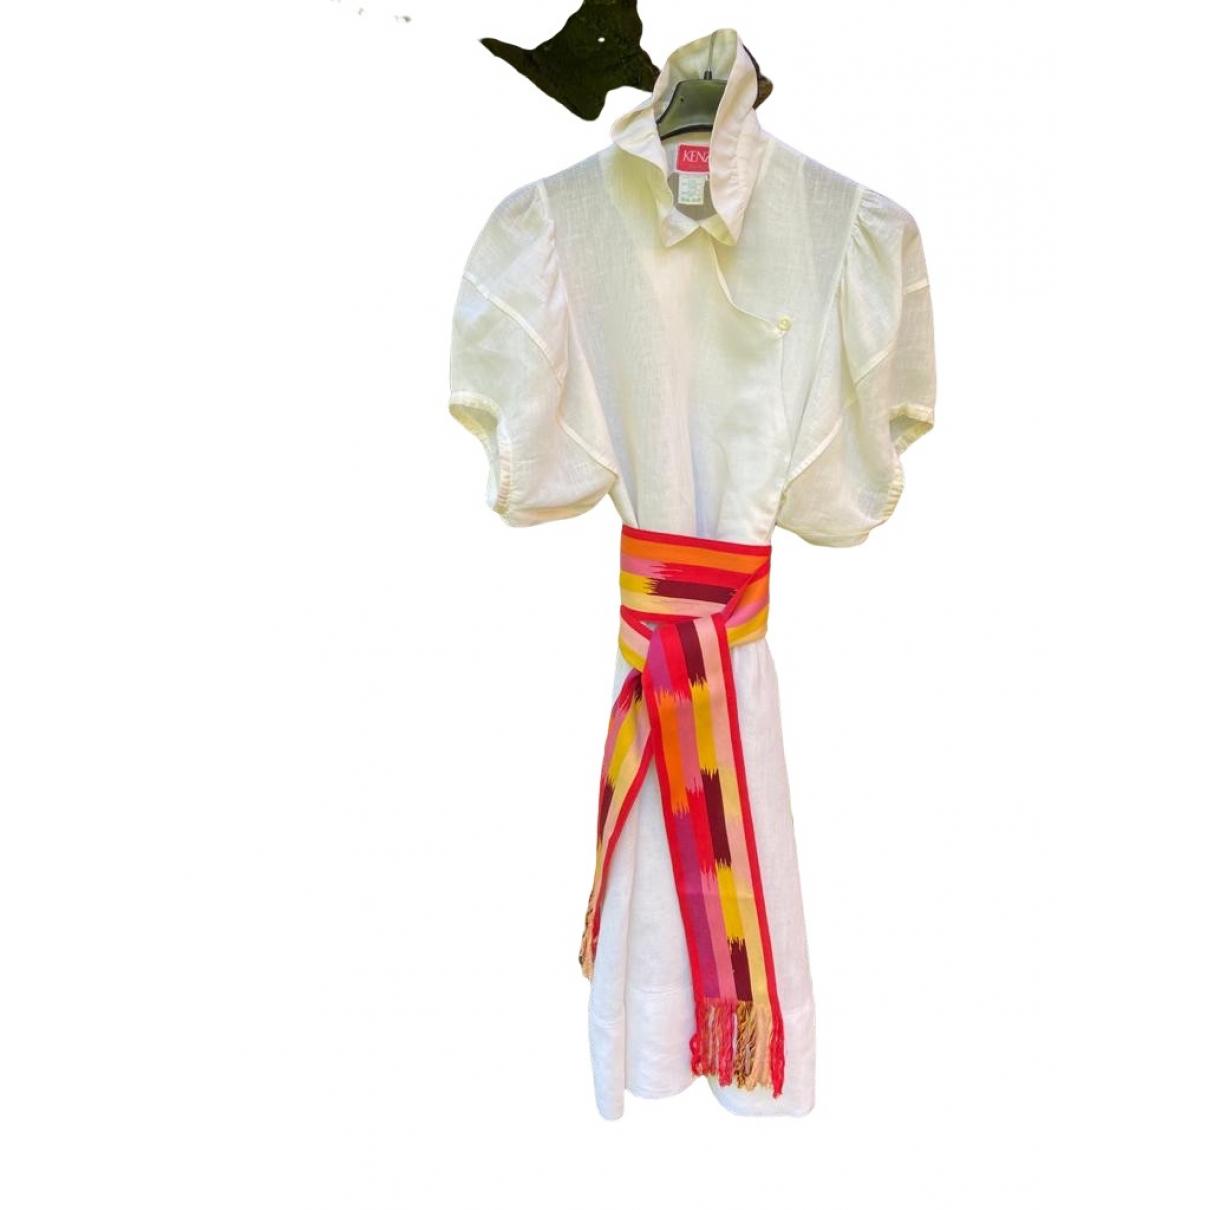 Kenzo \N White Linen dress for Women M International